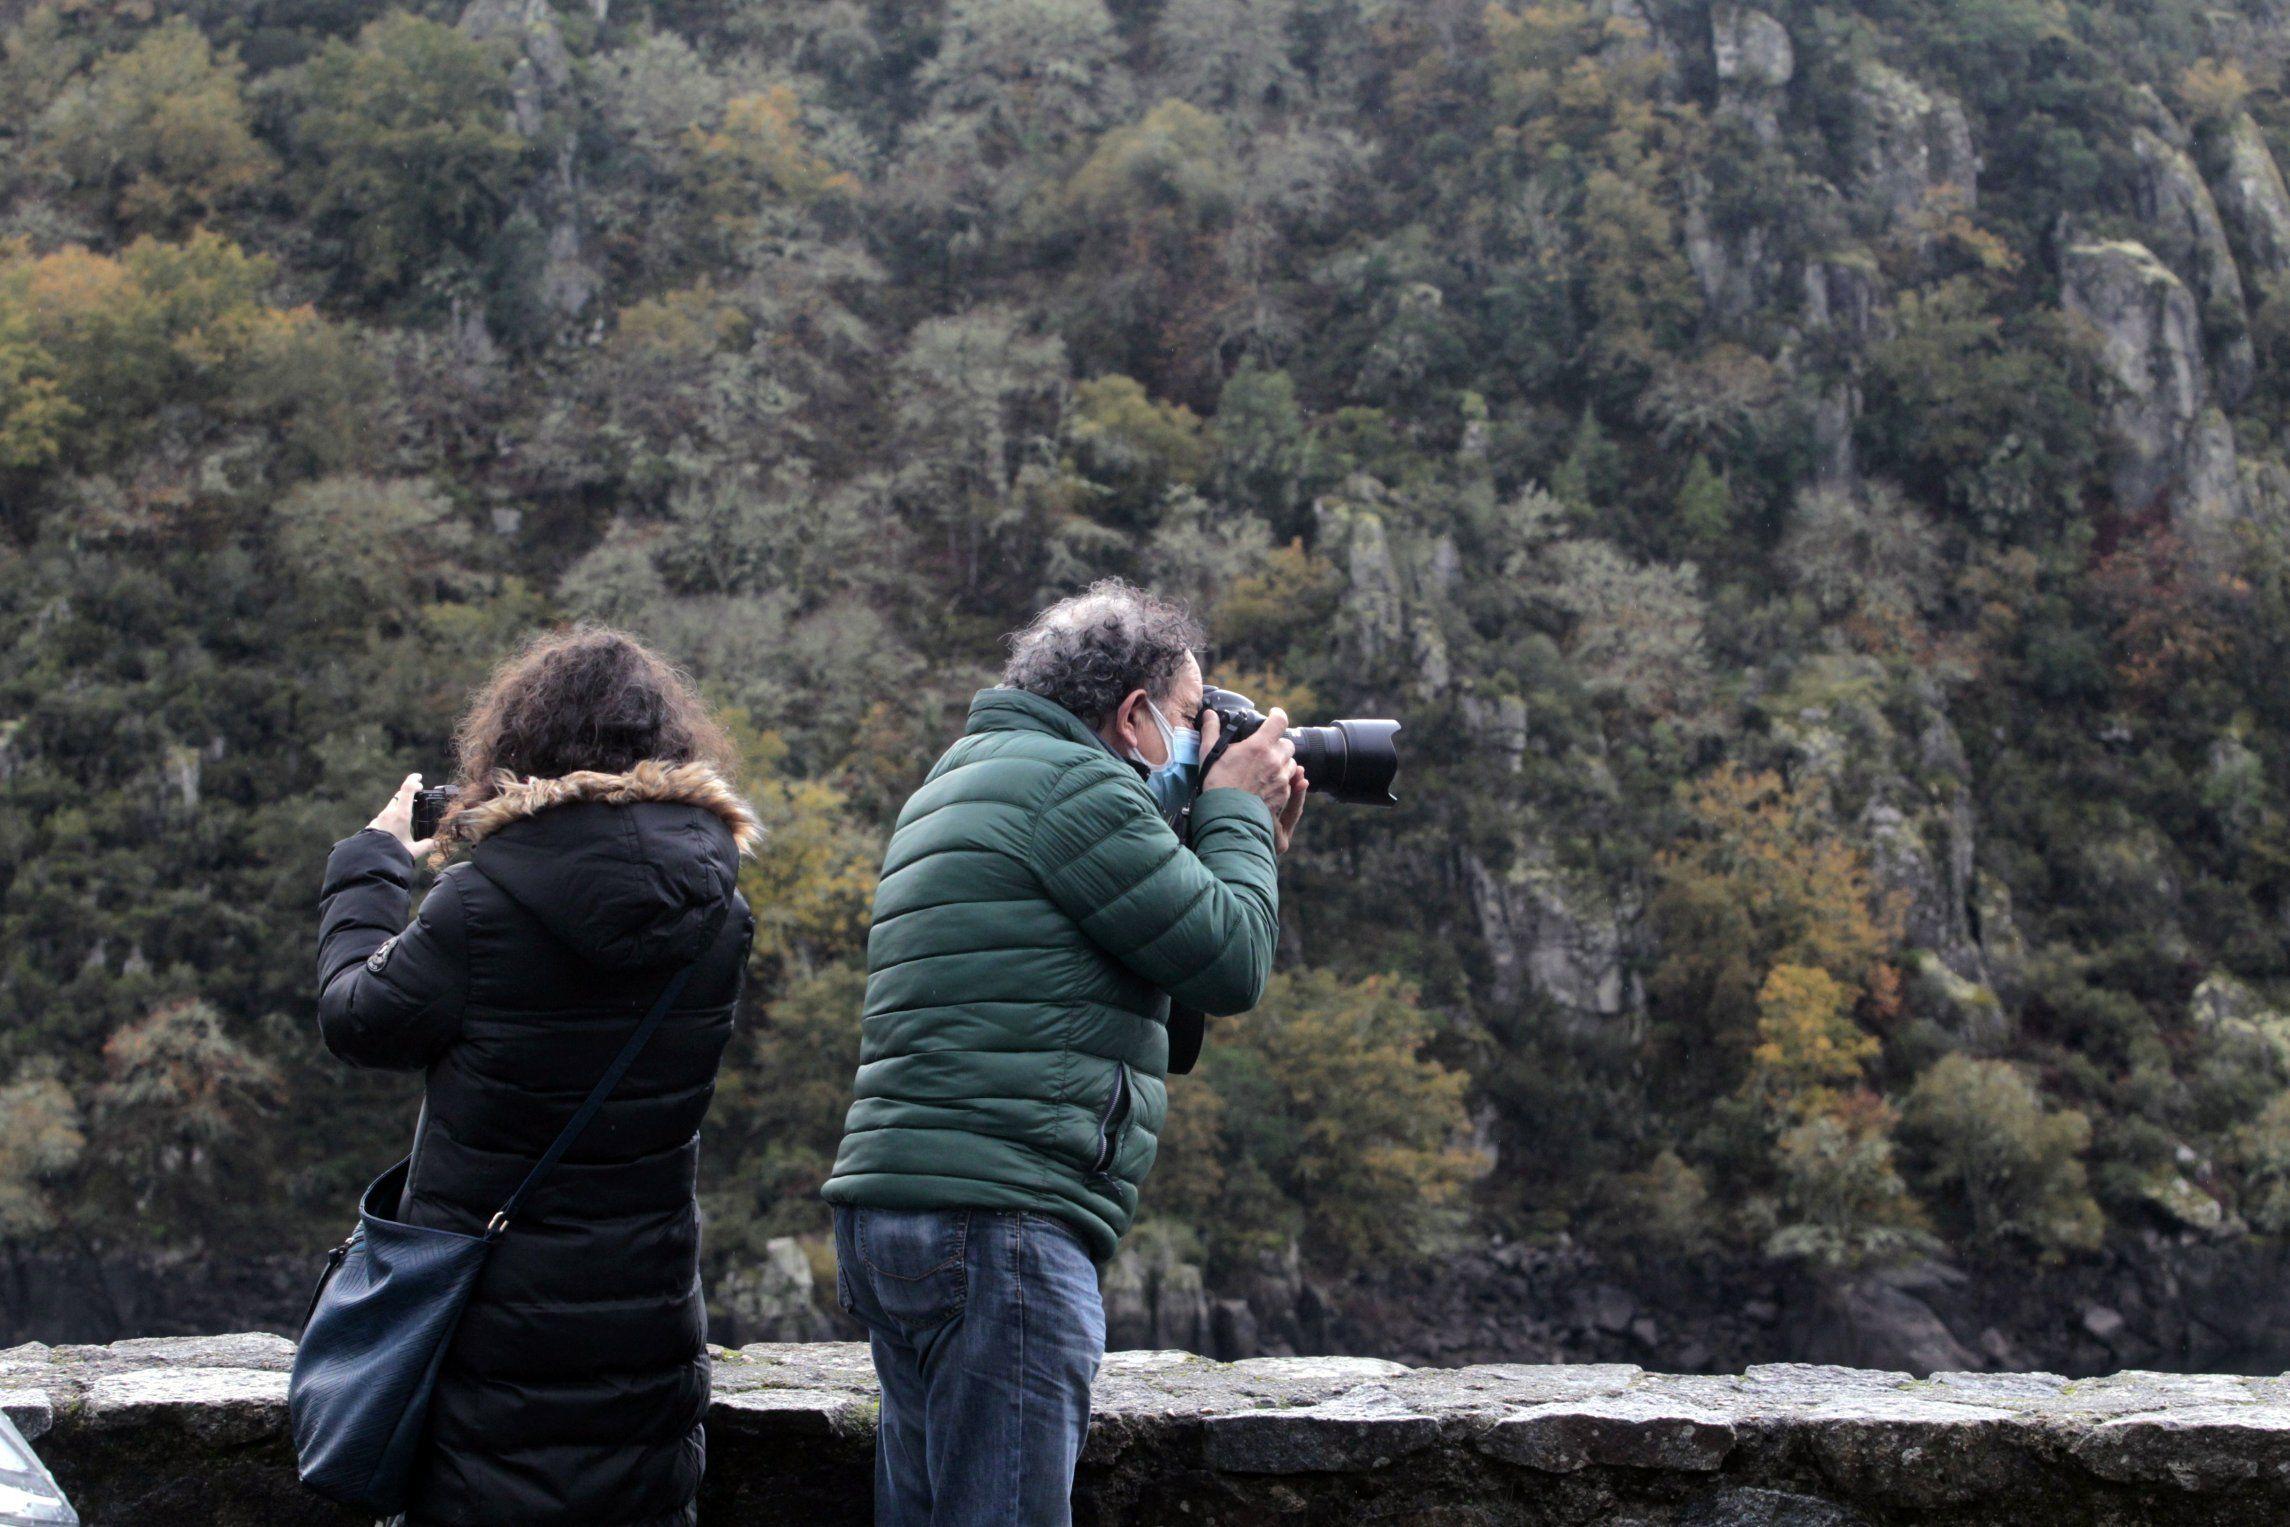 Visitantes sacando fotos en la zona del embarcadero de Os Chancís, en Sober, en una imagen de archivo